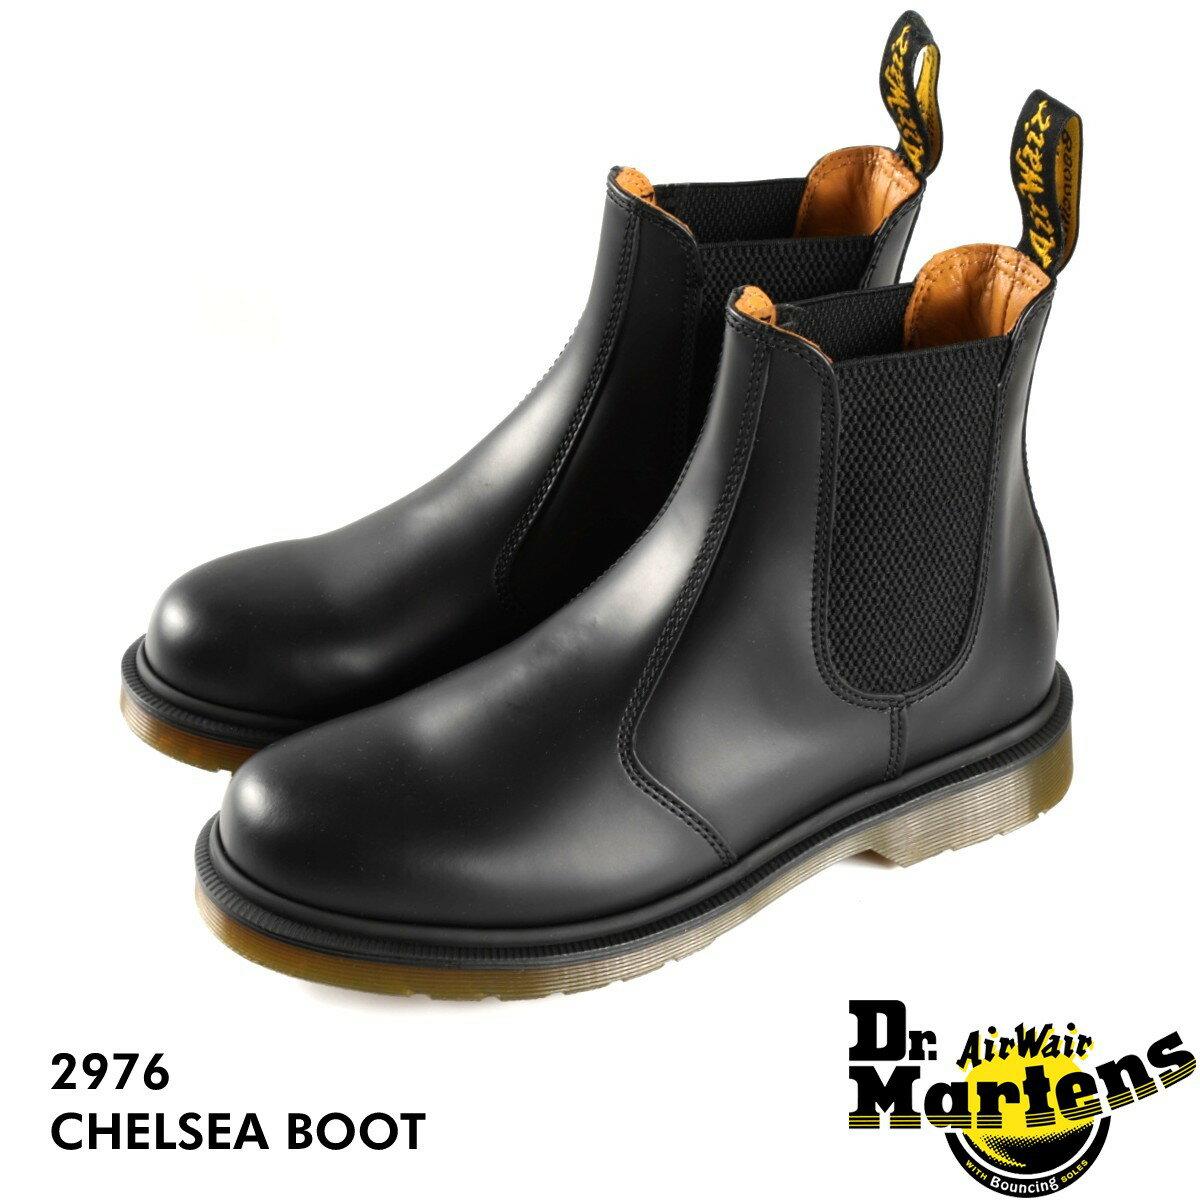 【10月13日(金)再入荷】 Dr.Martens CHELSEA BOOT 2976 【メンズ】【レディース】 ドクターマーチン チェルシー ブーツ BLACK 黒 サイドゴア